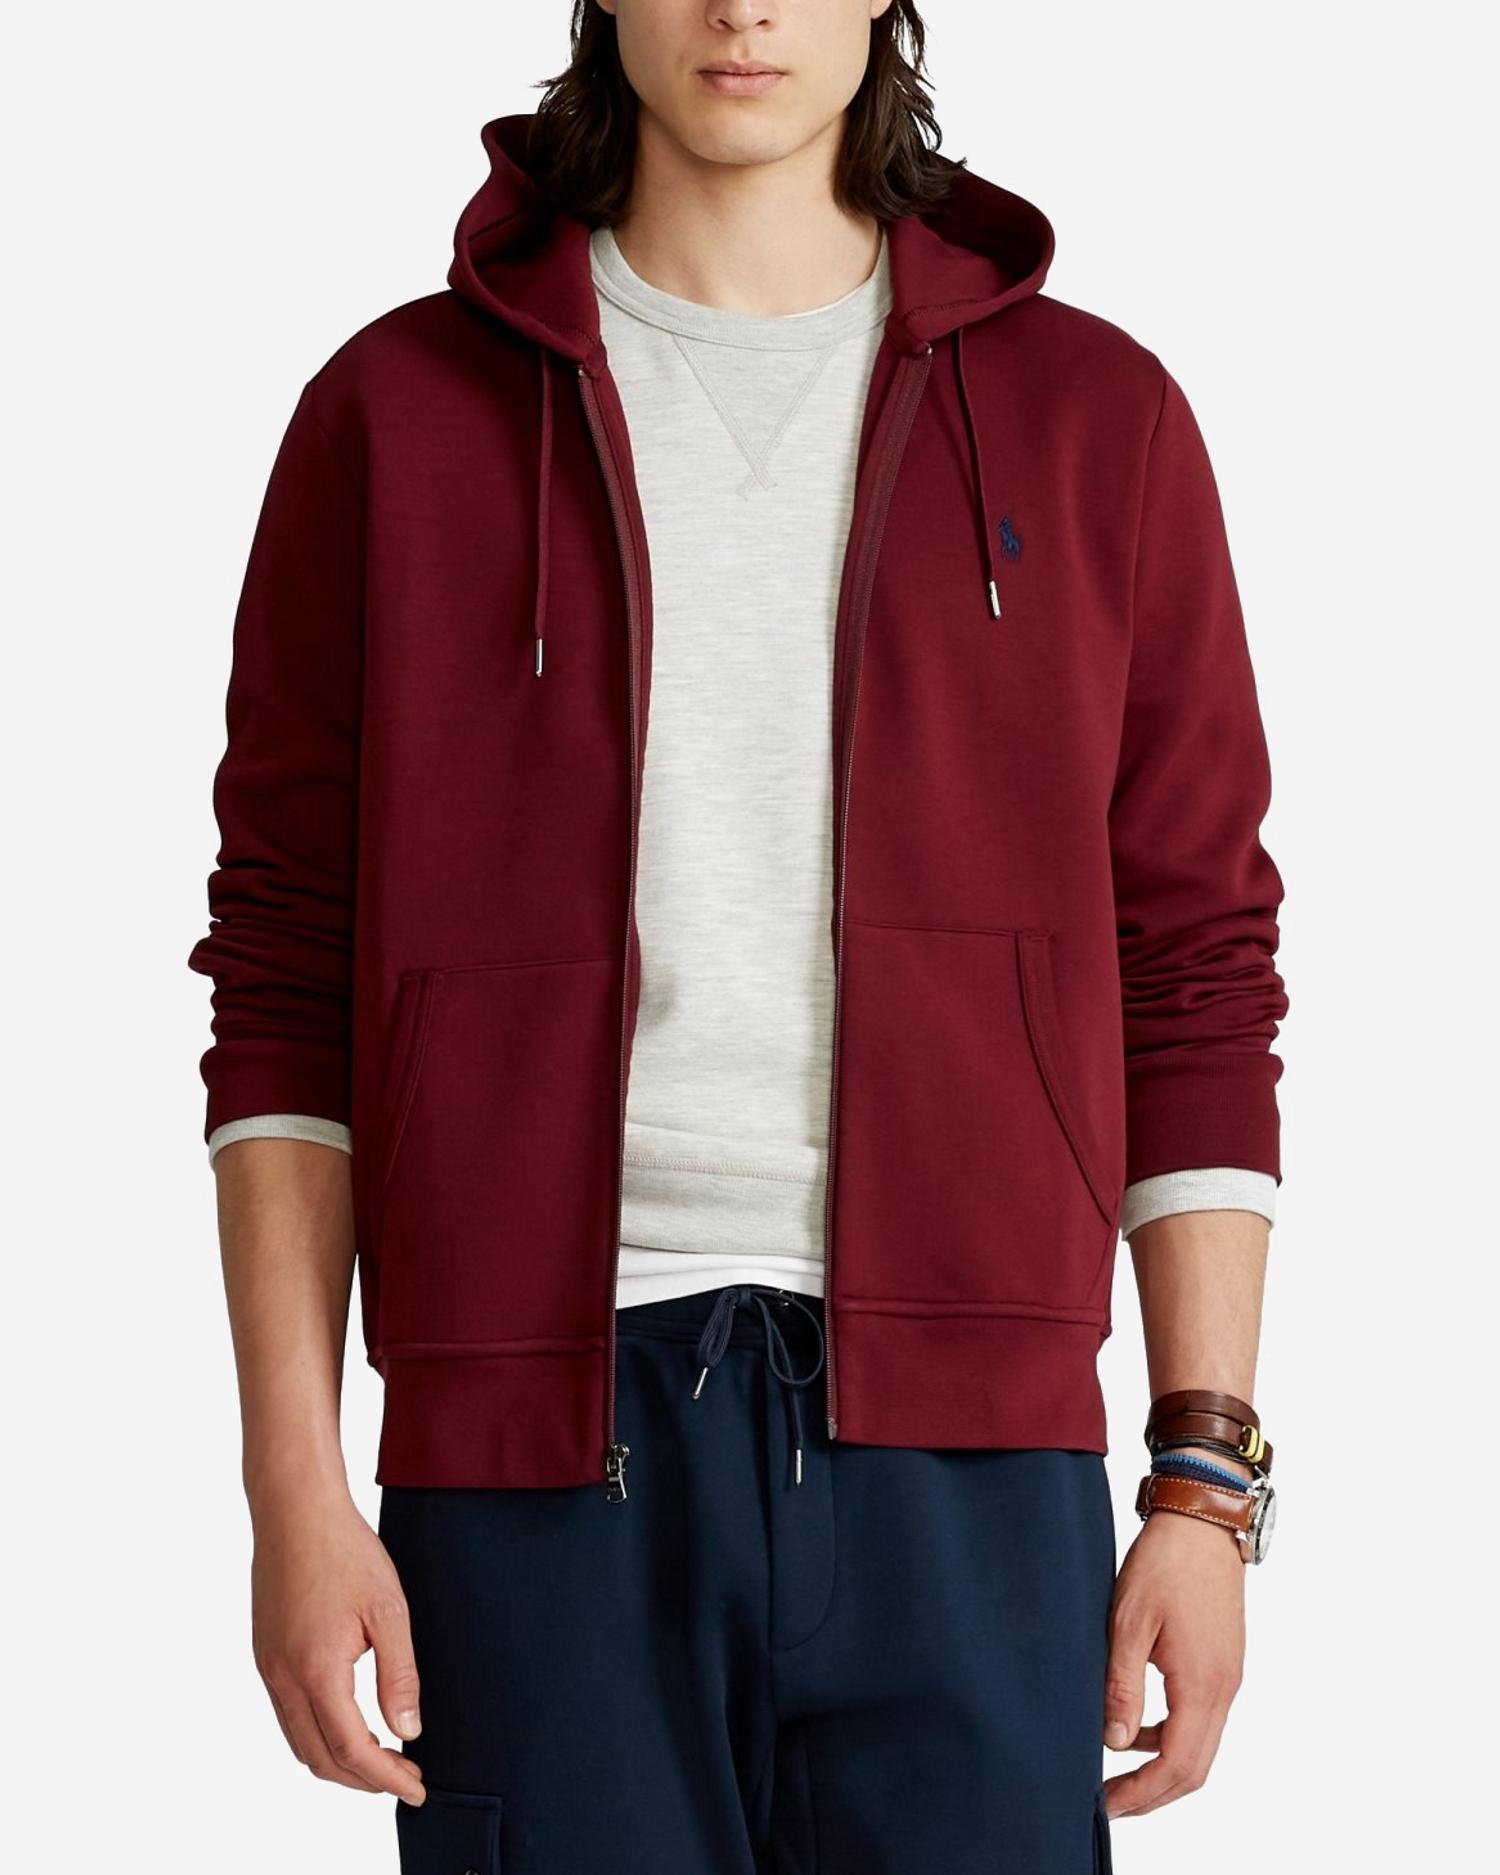 Sweatshirt Zip Polo Ralph Lauren POLO RALPH LAUREN | -108764232 | 710652313026